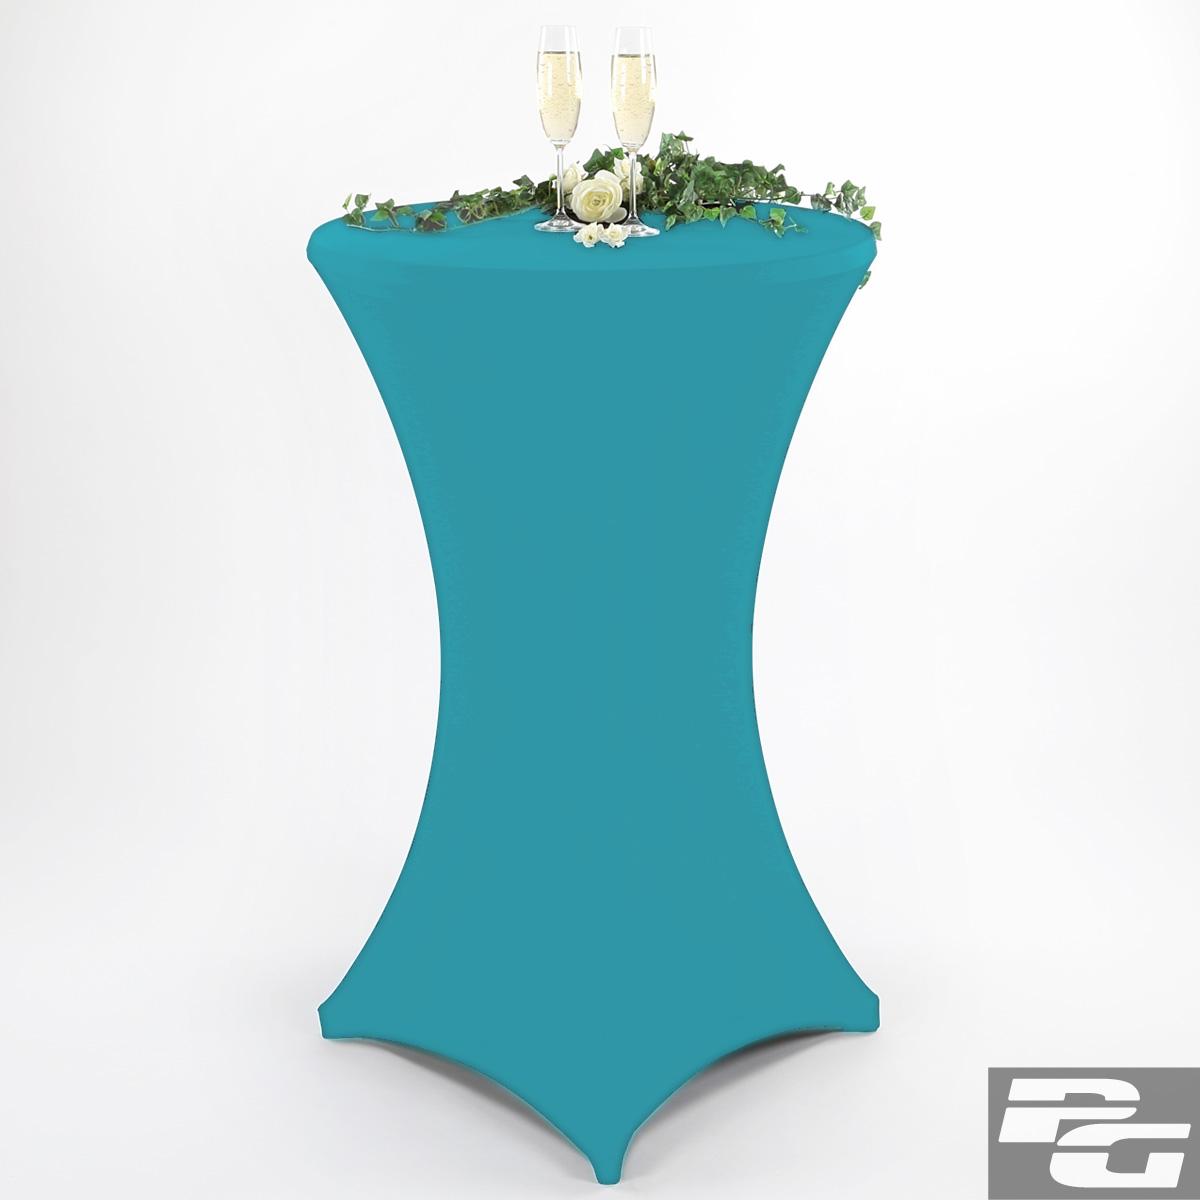 gr fenstayn stehtischhusse husse stehtisch stehtischhussen. Black Bedroom Furniture Sets. Home Design Ideas